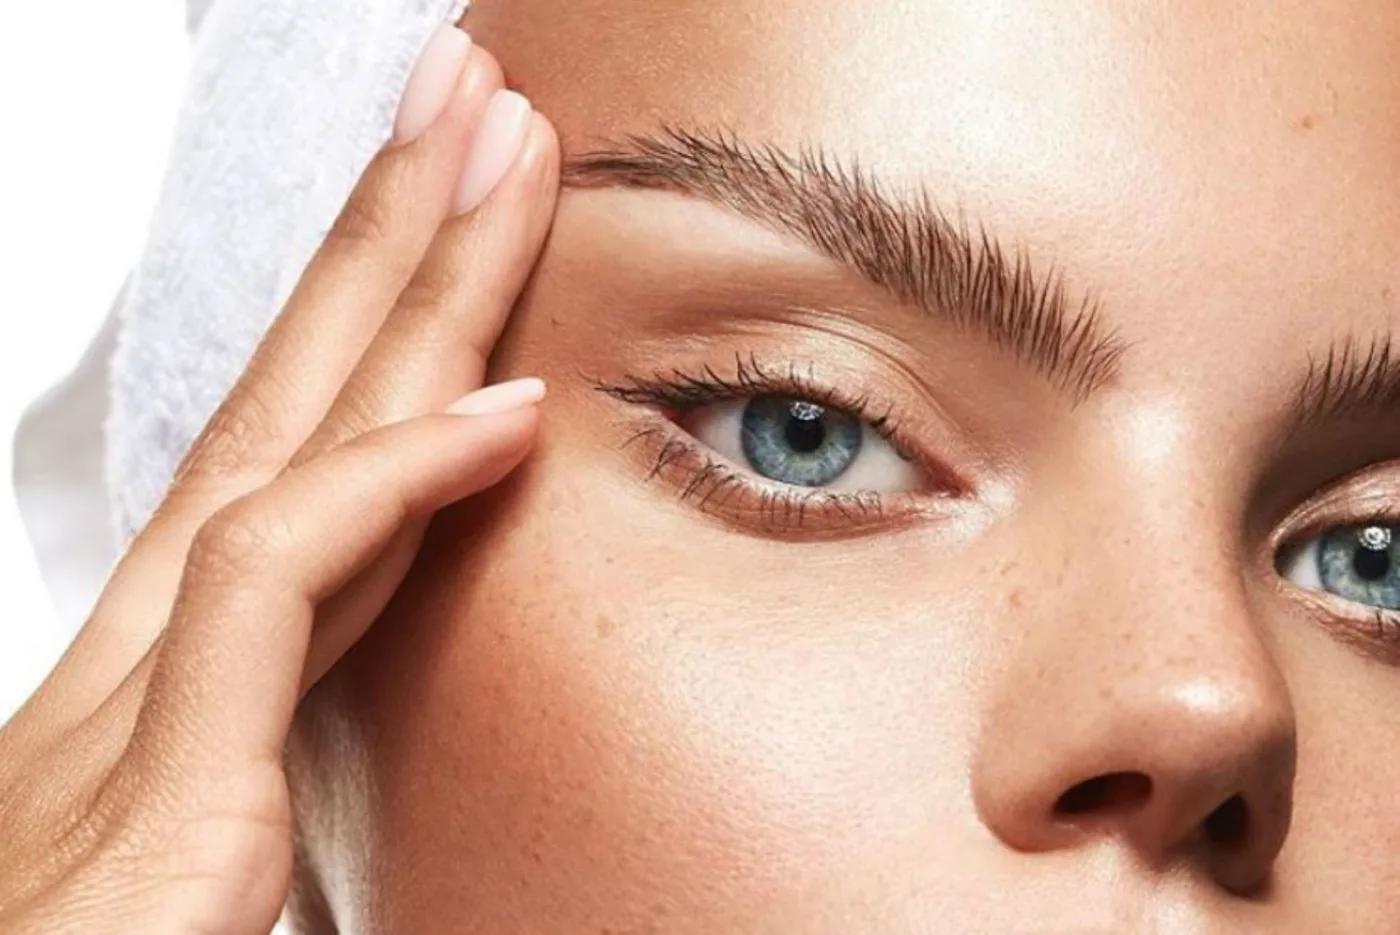 Eyebrow and eyelid lift